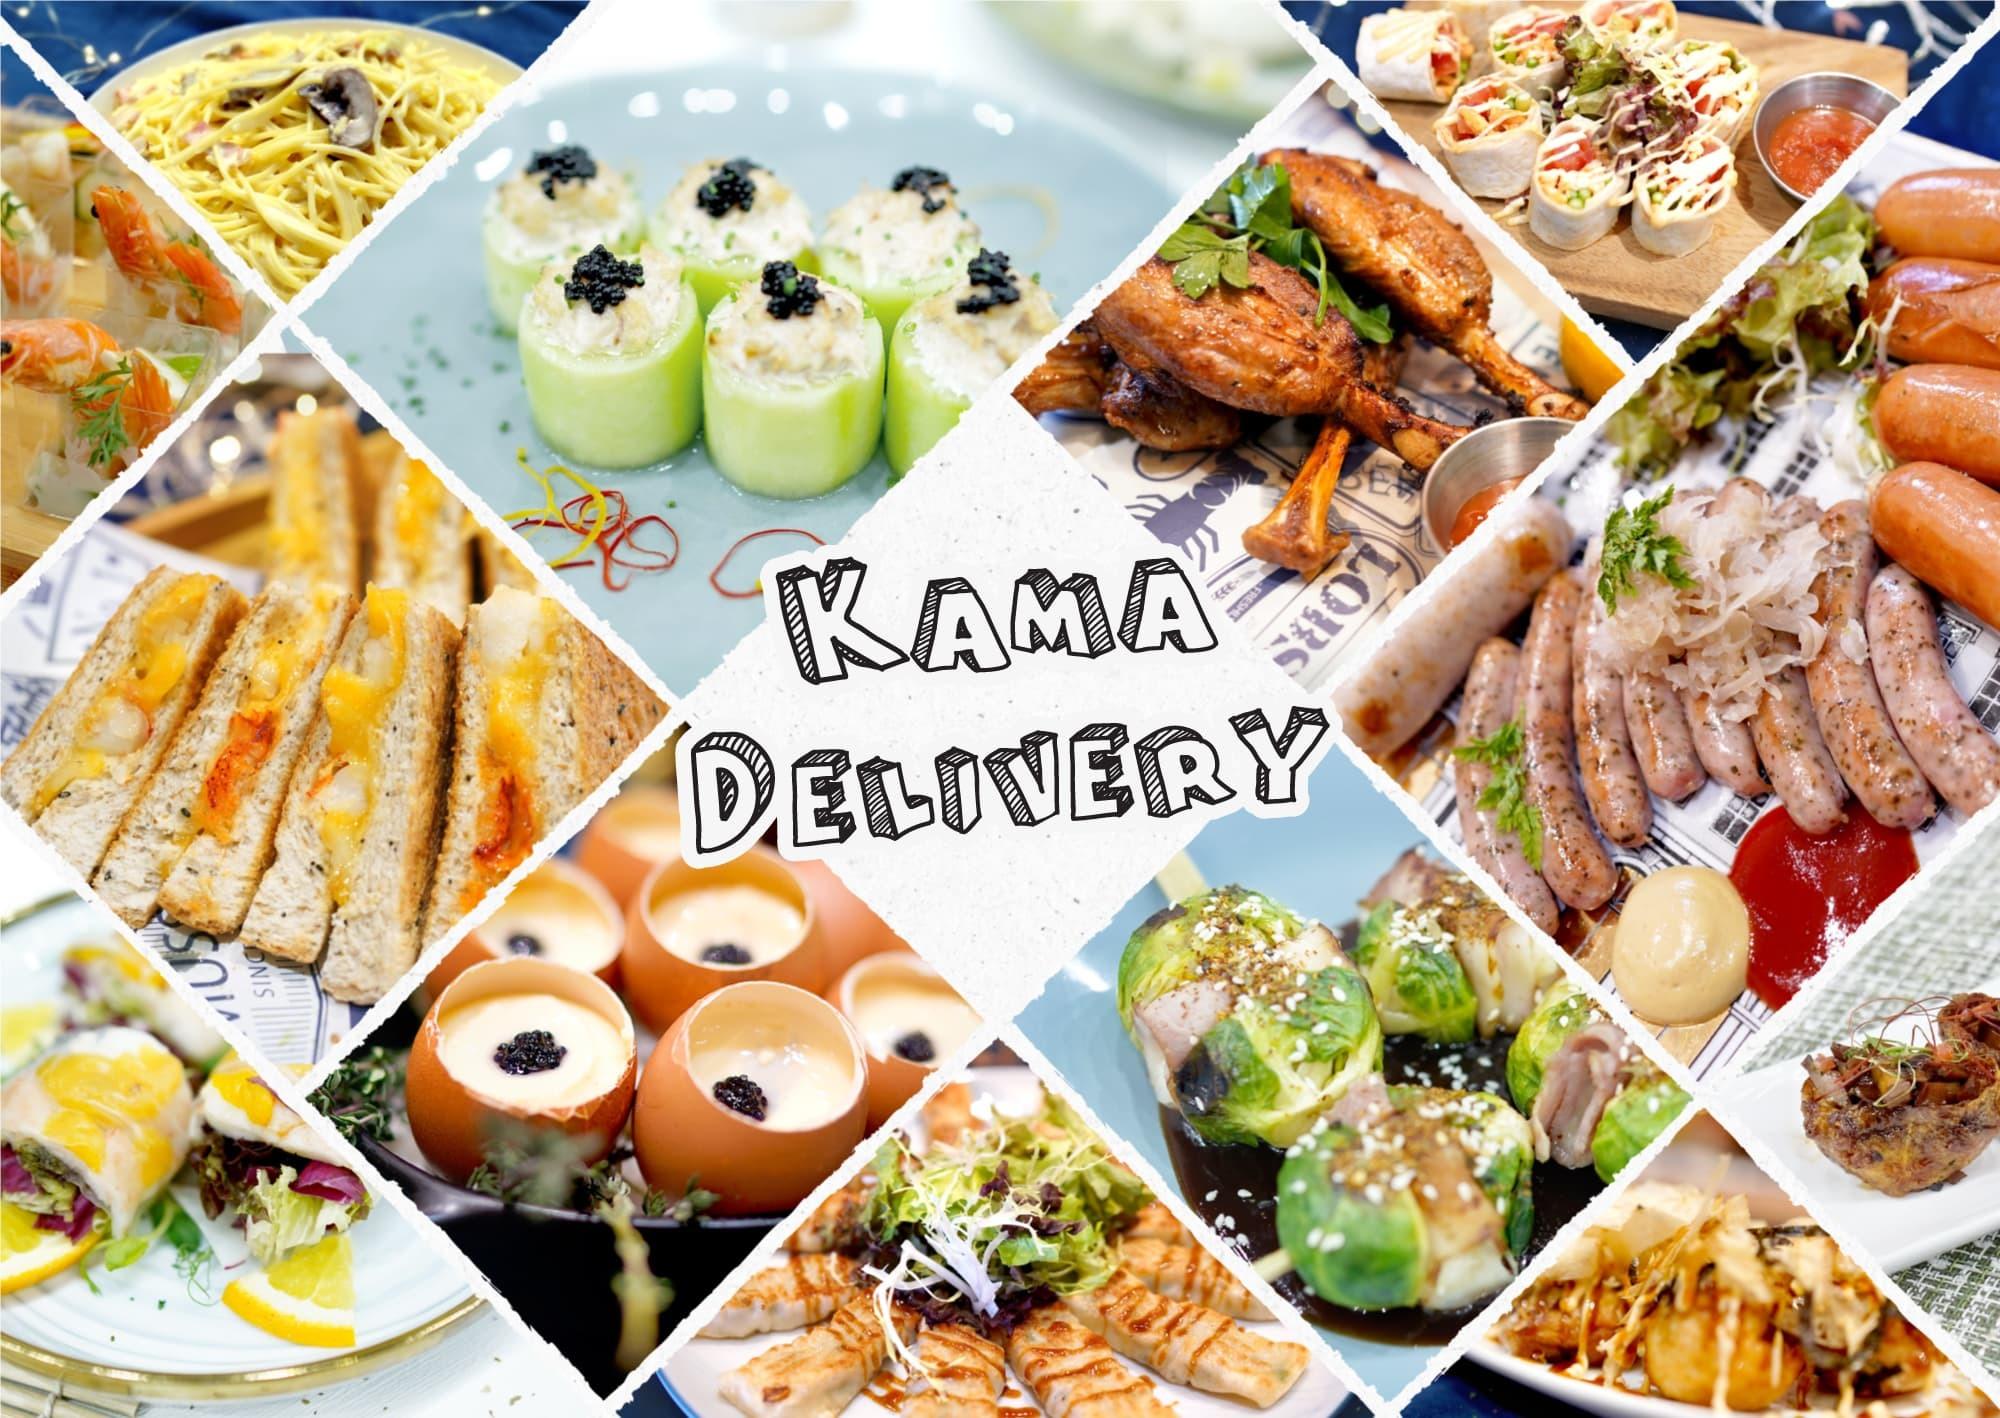 49人外賣套餐預訂|Kama Delivery為49人Party製作各款西式食品,並可為你的派對度身訂造個性化餐單及按人數調整美食份量。